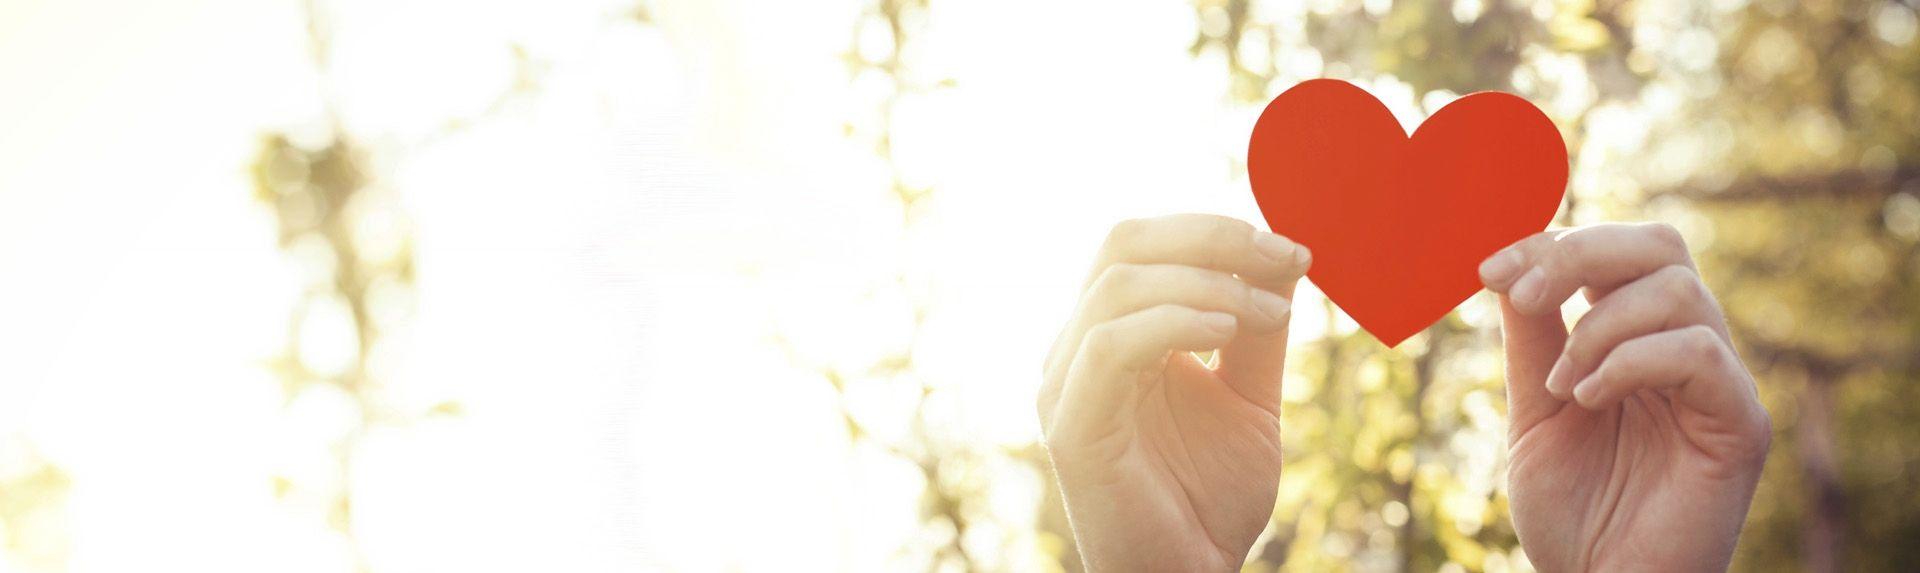 Самые тяжелые проявления климакса: сердечно-сосудистые заболевания